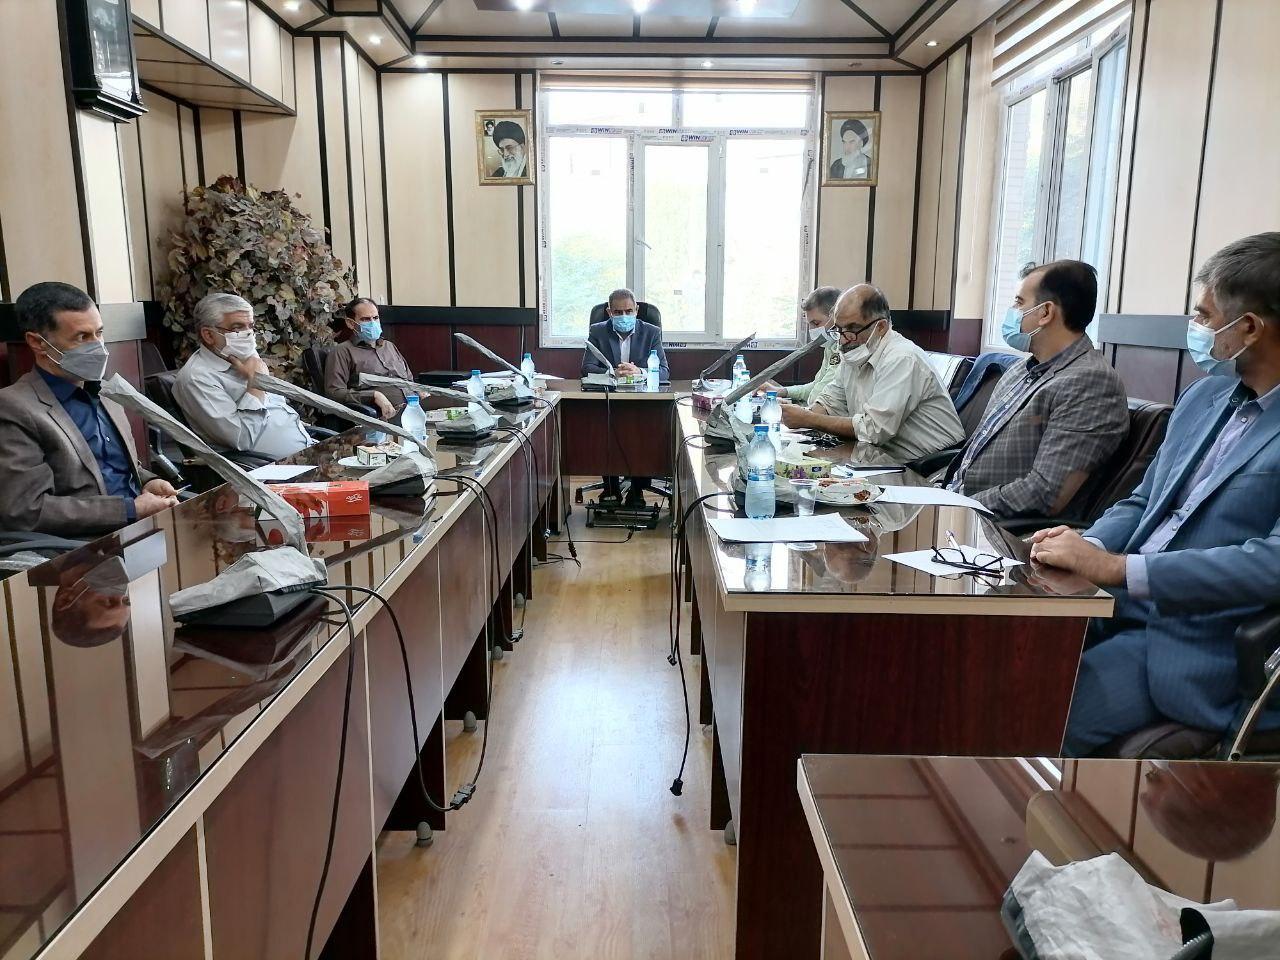 بازرسی و نظارت از 225 واحد نانوایی طی یک ماه گذشته درشهرستان ورامین